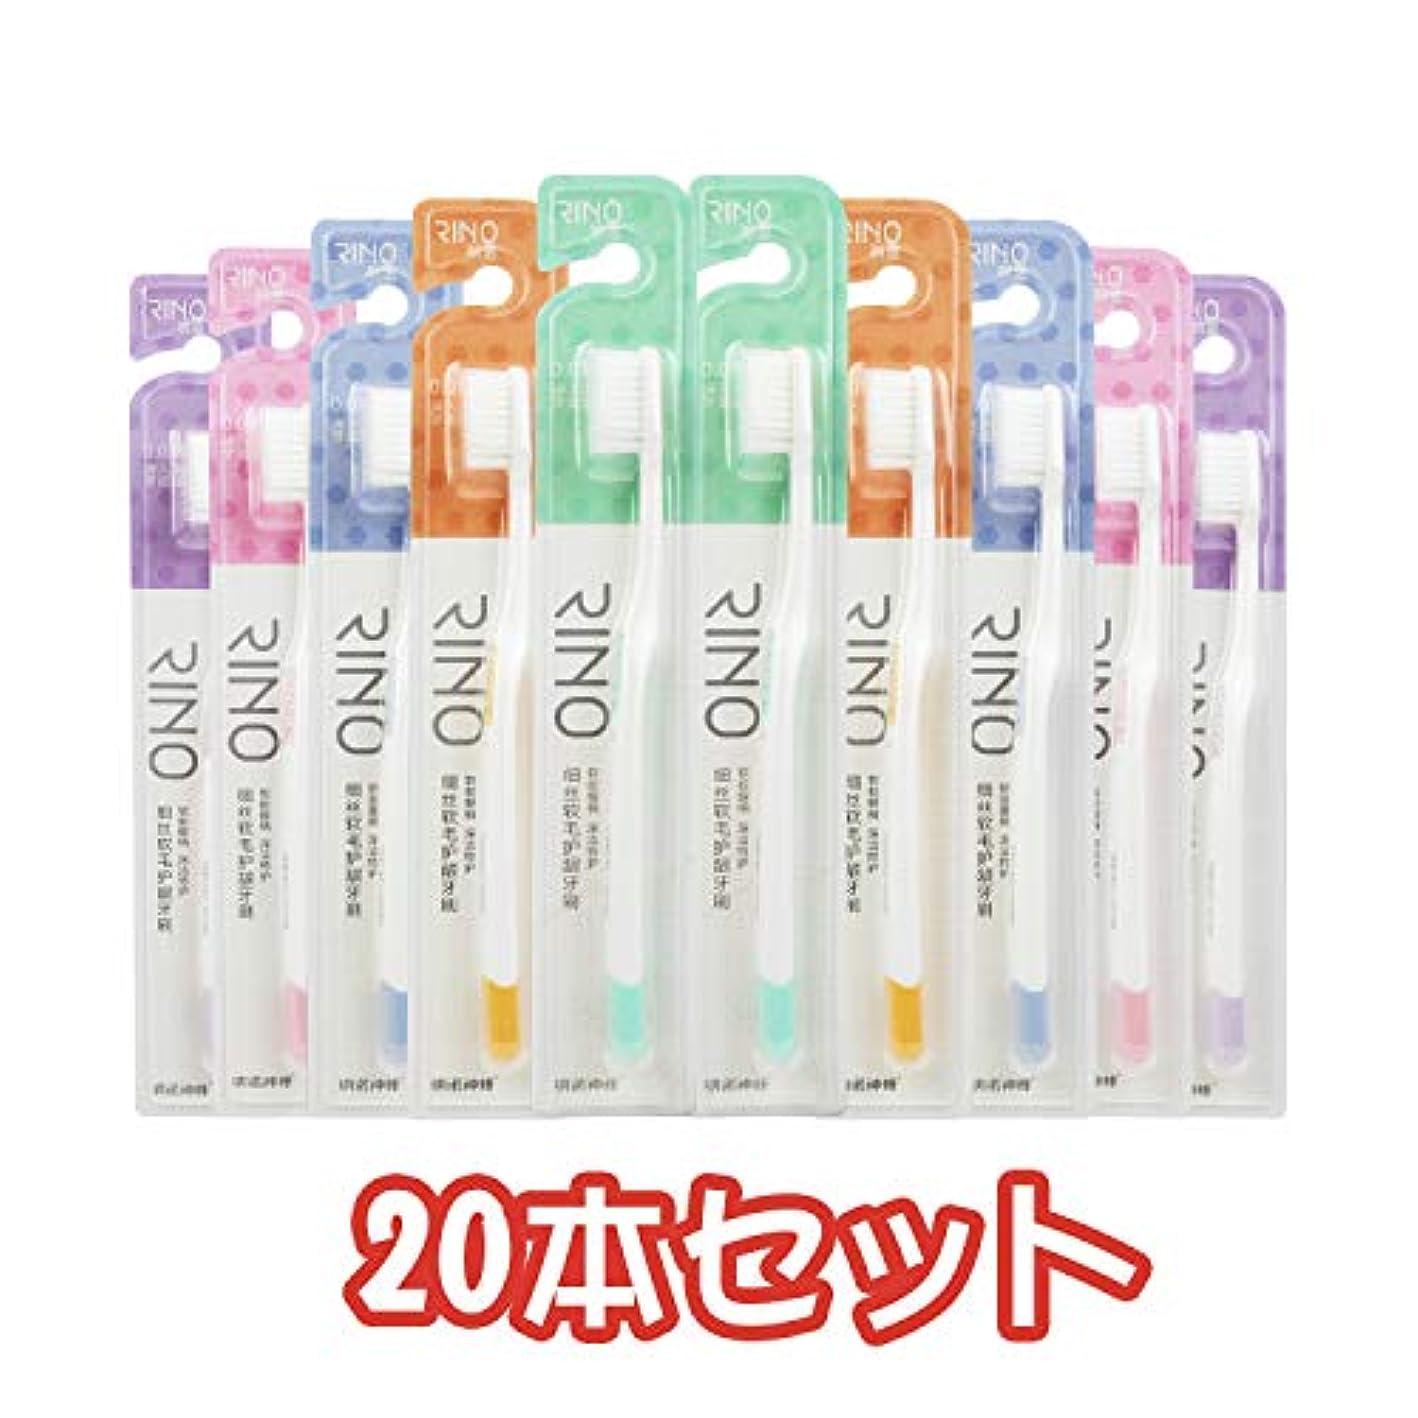 祭司キュービック光Nano 20本セット やわらかい 歯ブラシ 大人用 耐久性 旅行用 子供 卸売価格 安い歯ブラシ